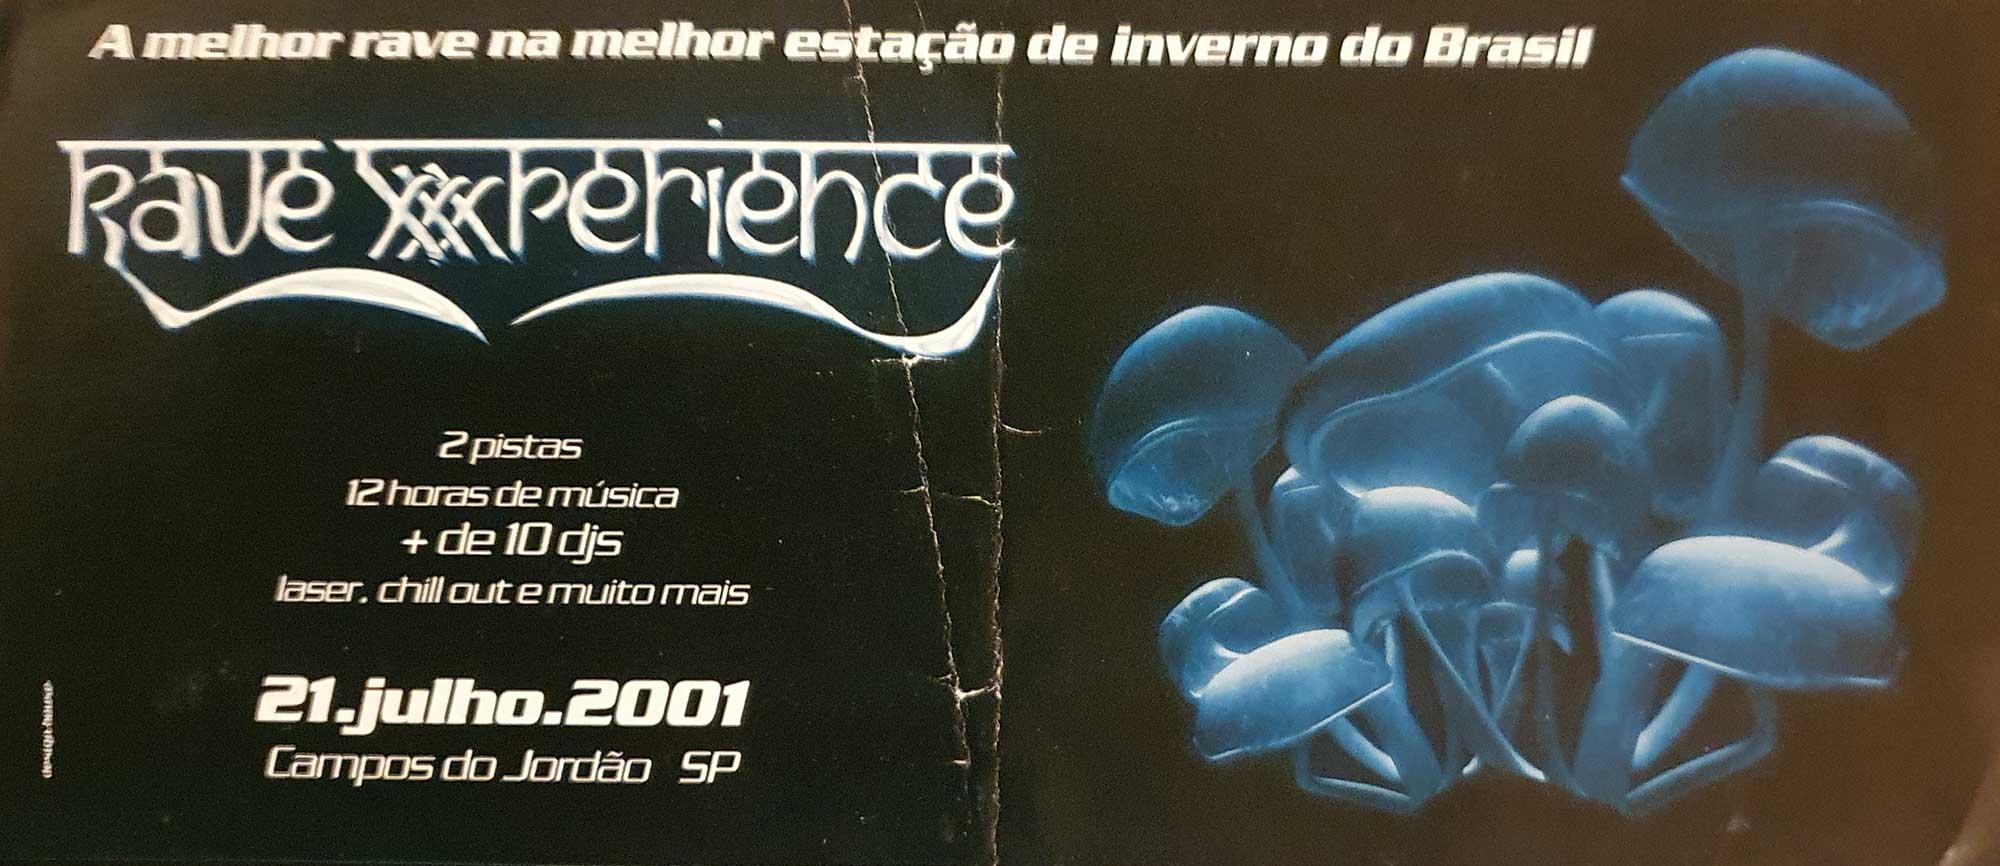 rave_xxxperience